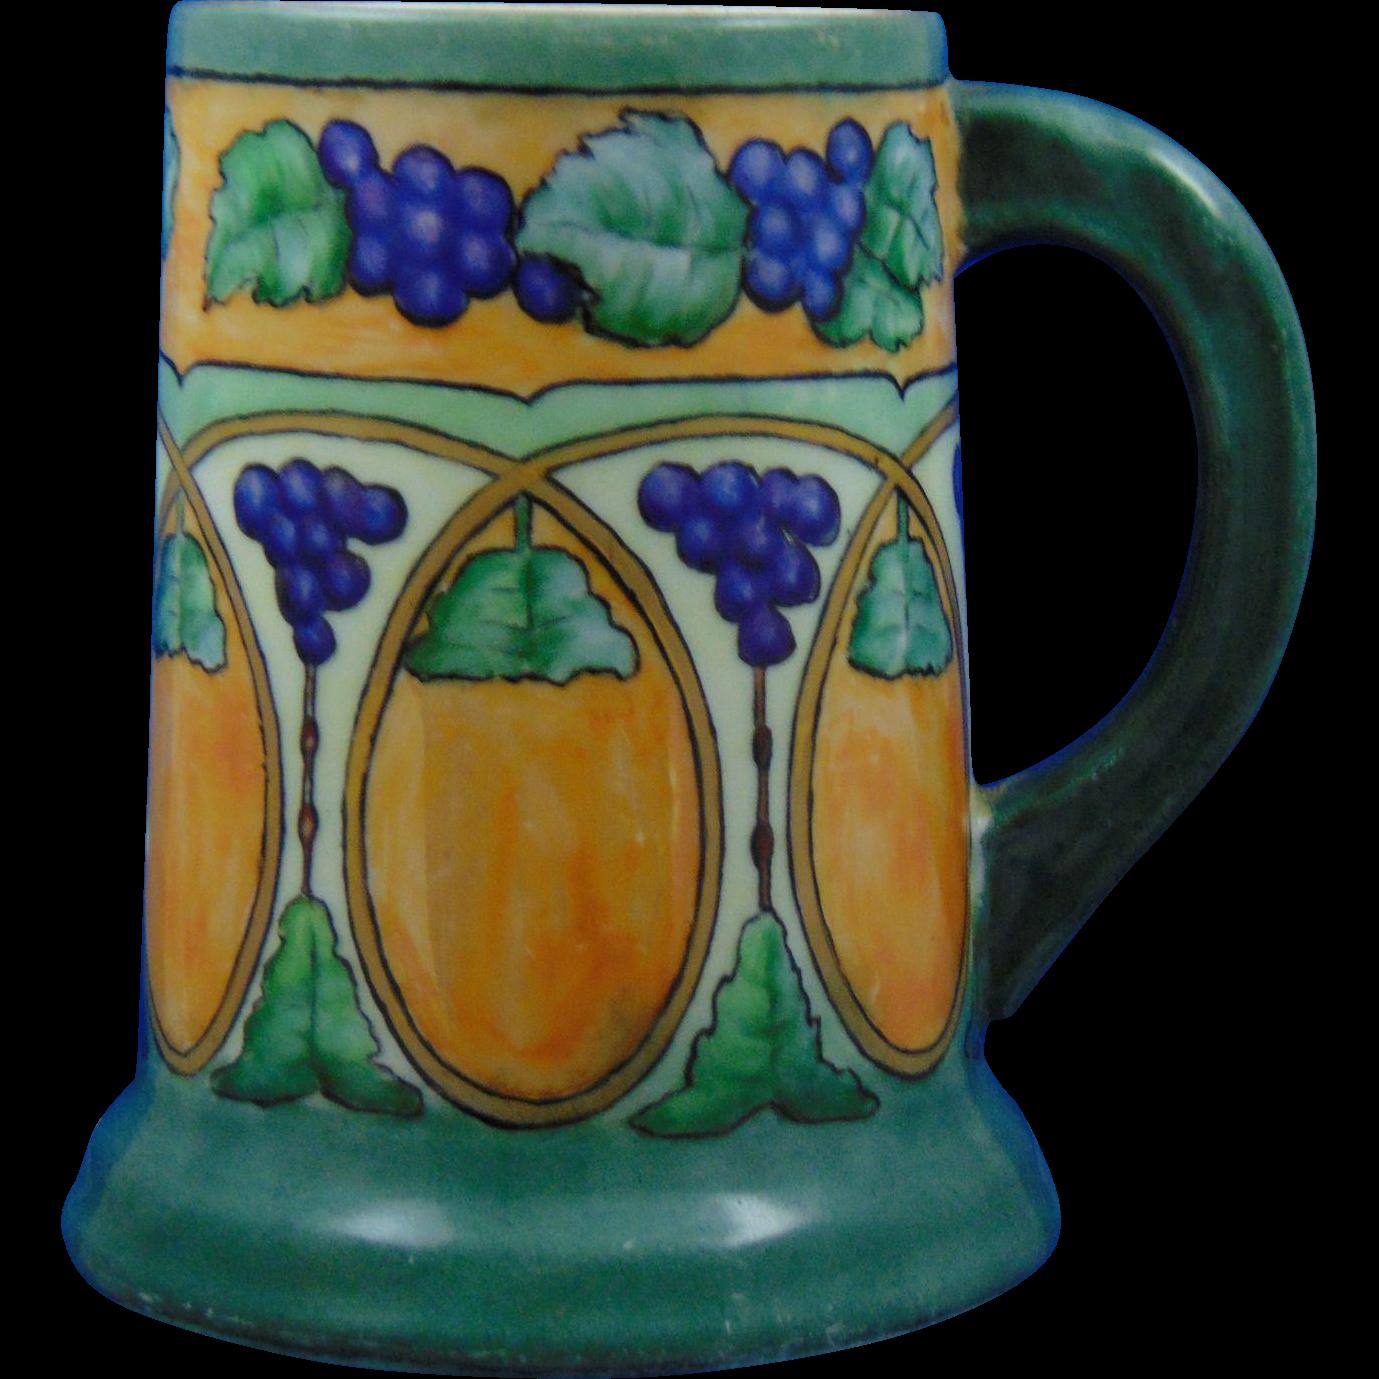 """Tressemann & Vogt (T&V) Limoges Arts & Crafts Grape & Lustre Tankard (Signed """"M.S. Lord""""/c.1892-1907)"""